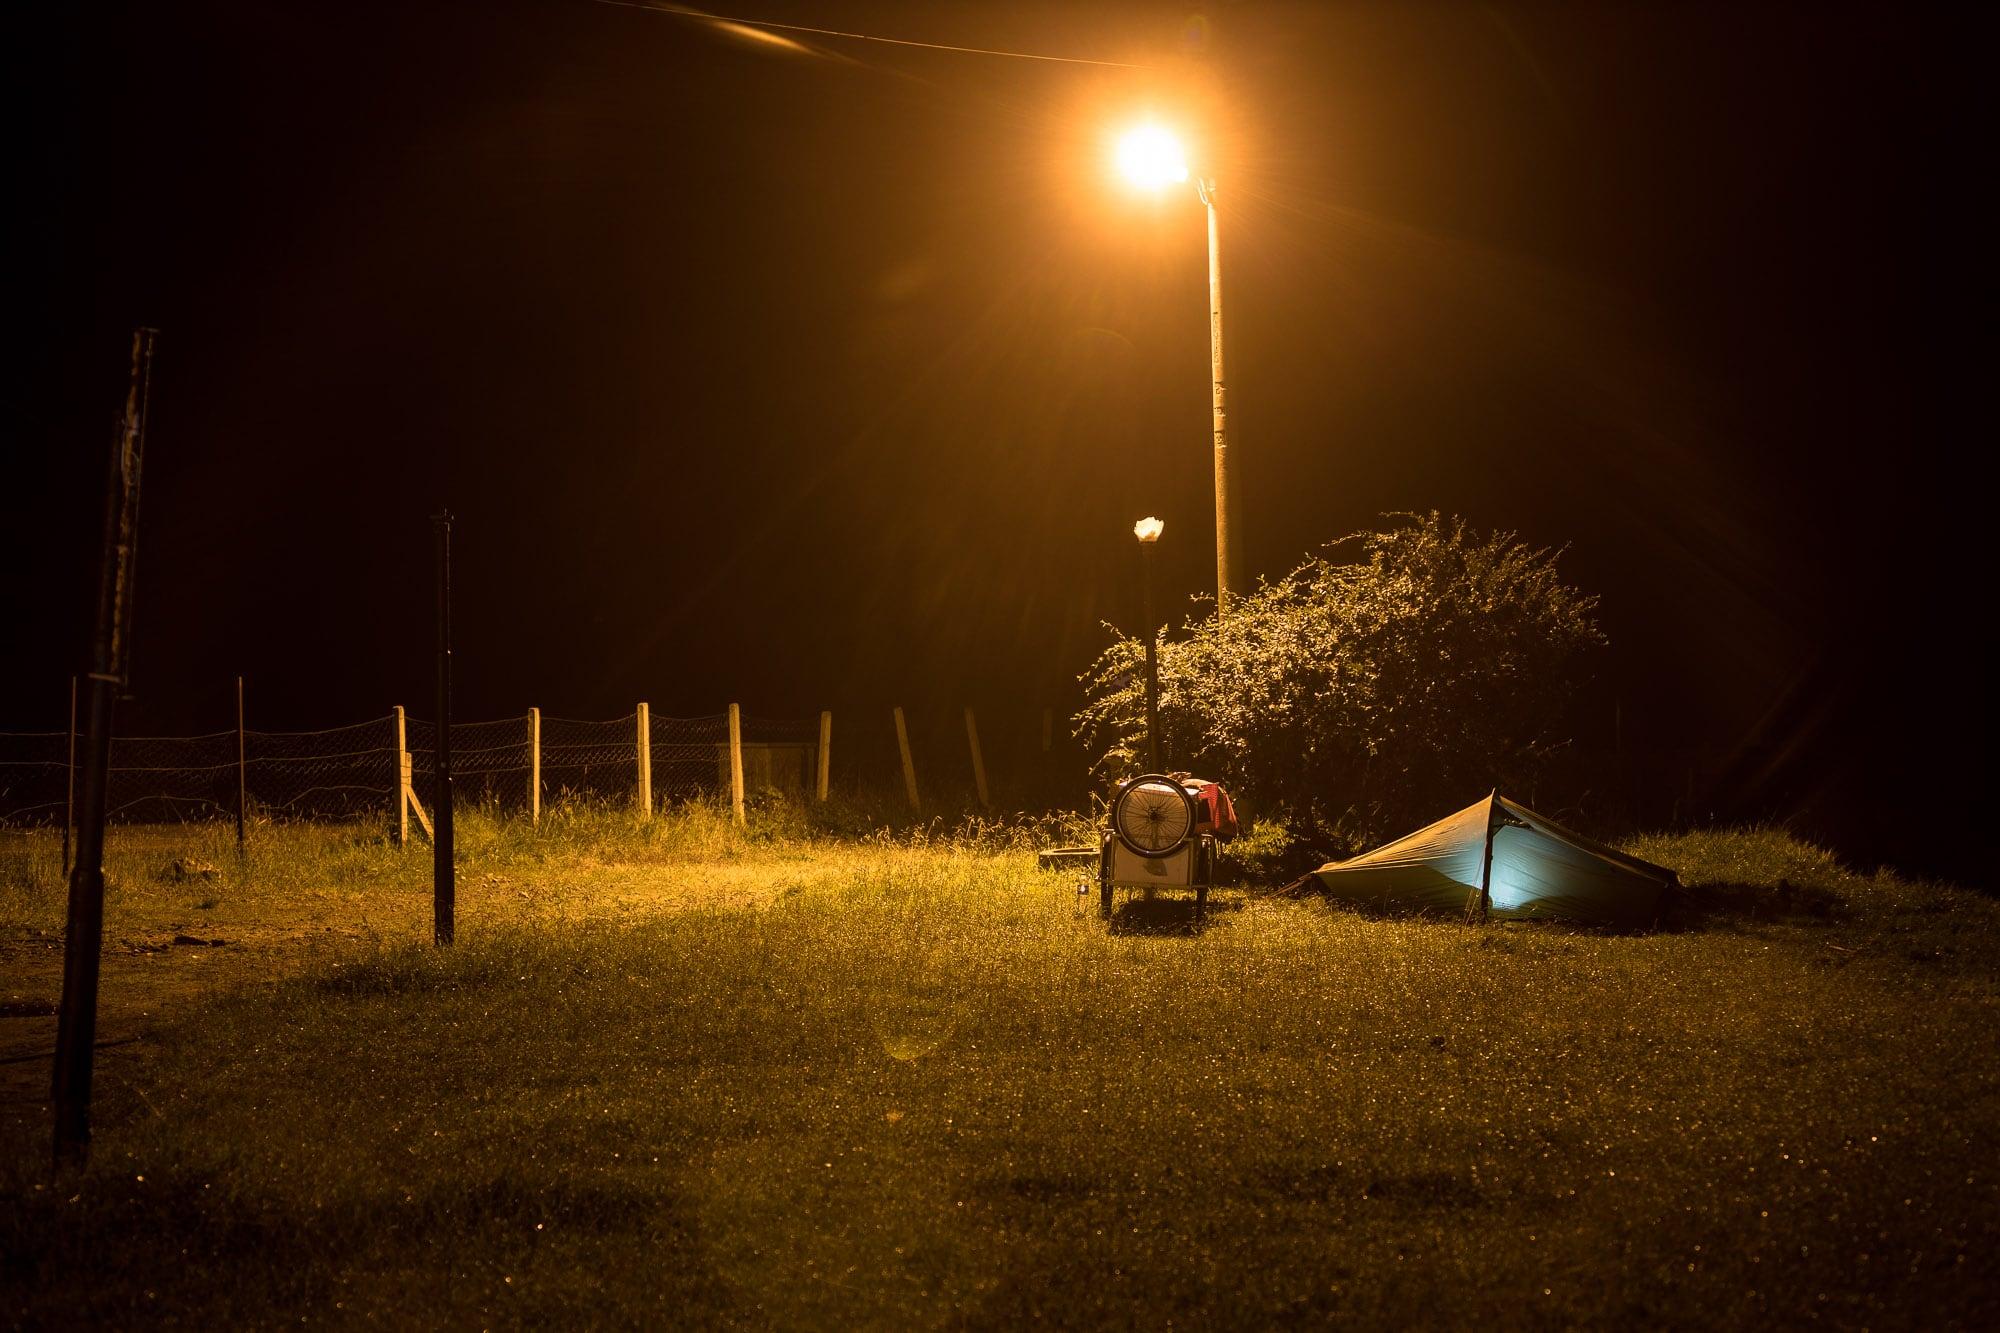 Uluburun campground